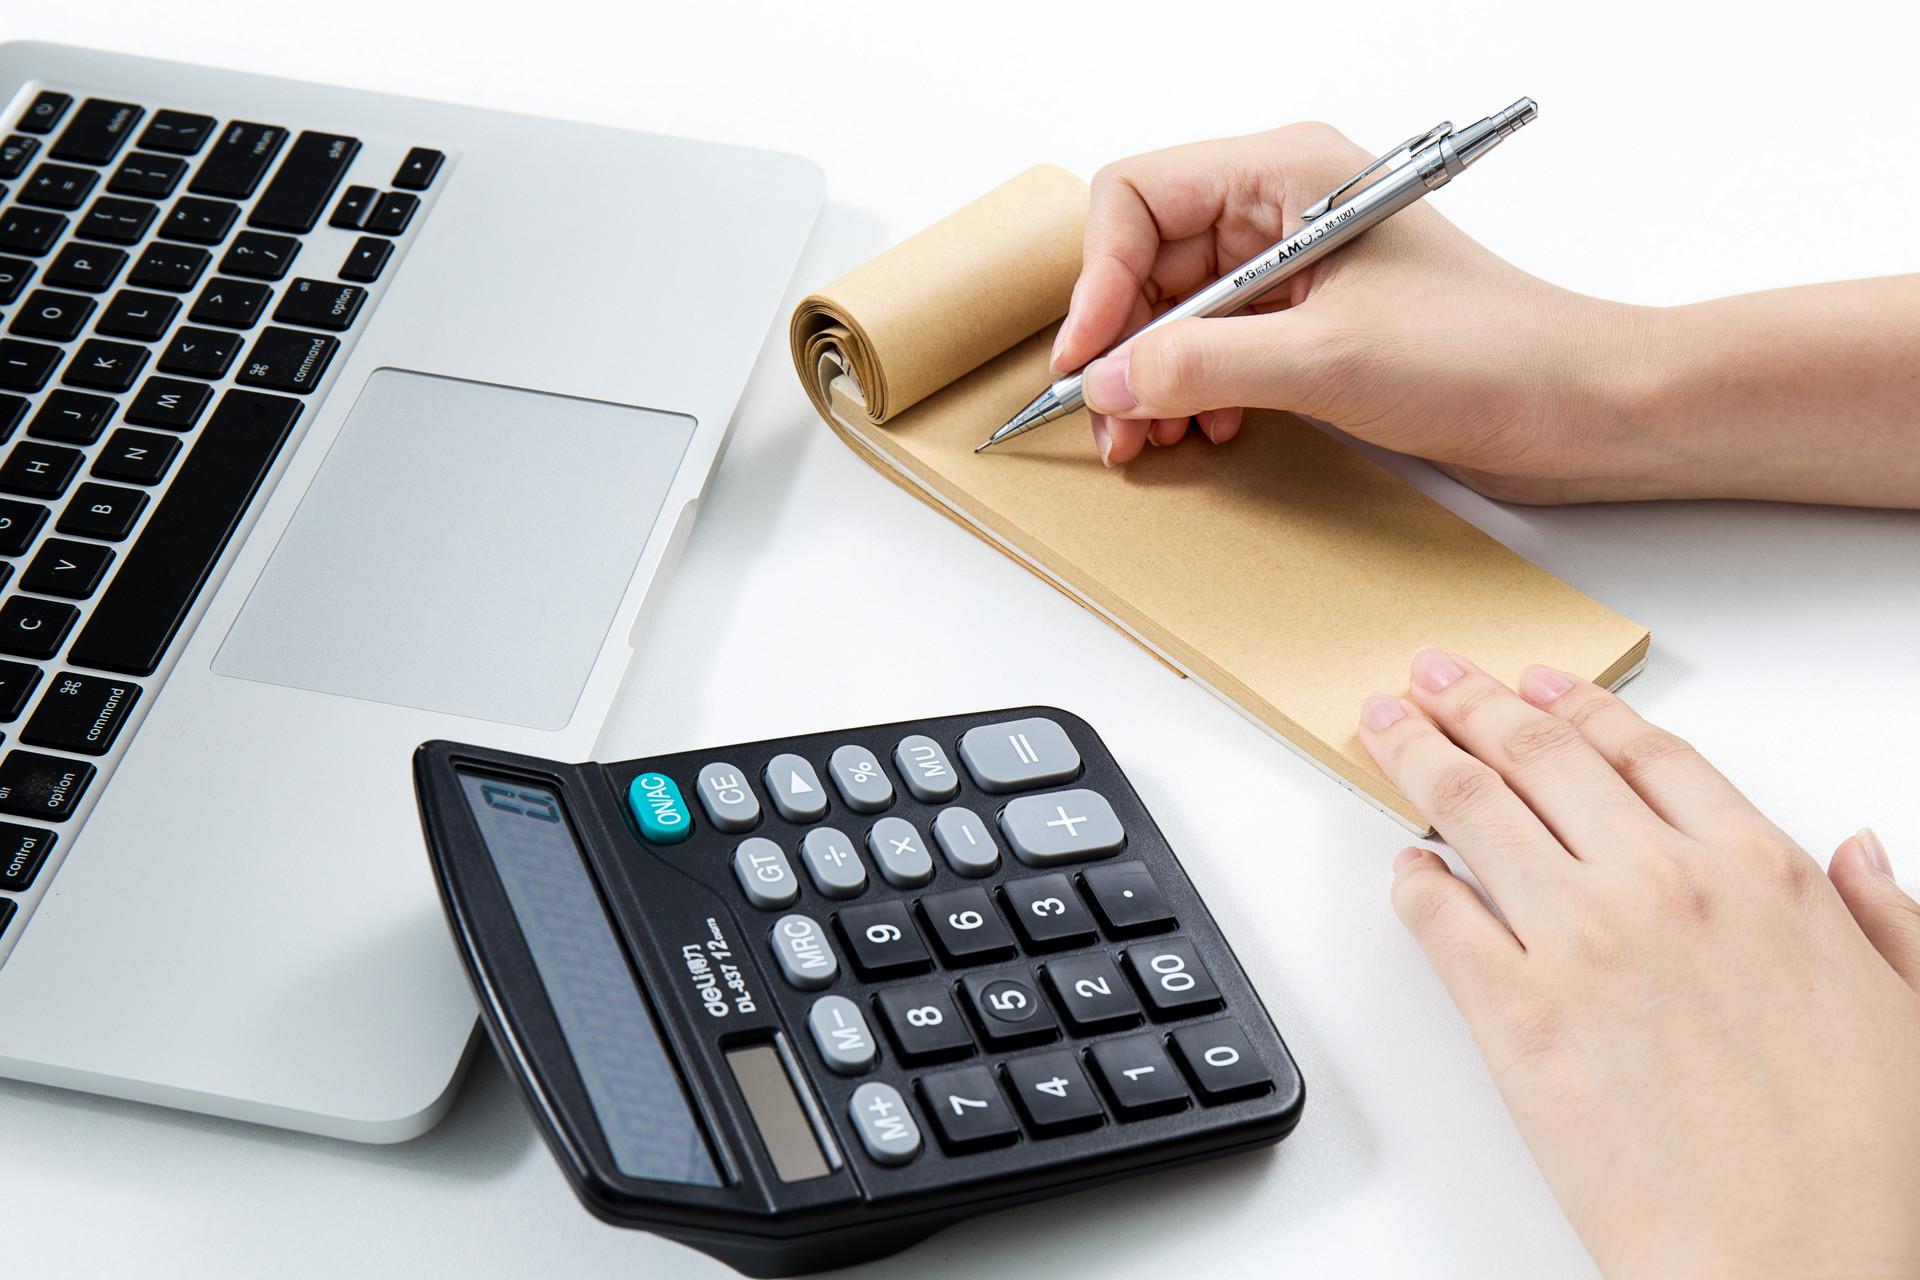 储蓄成本属于工资福利吗